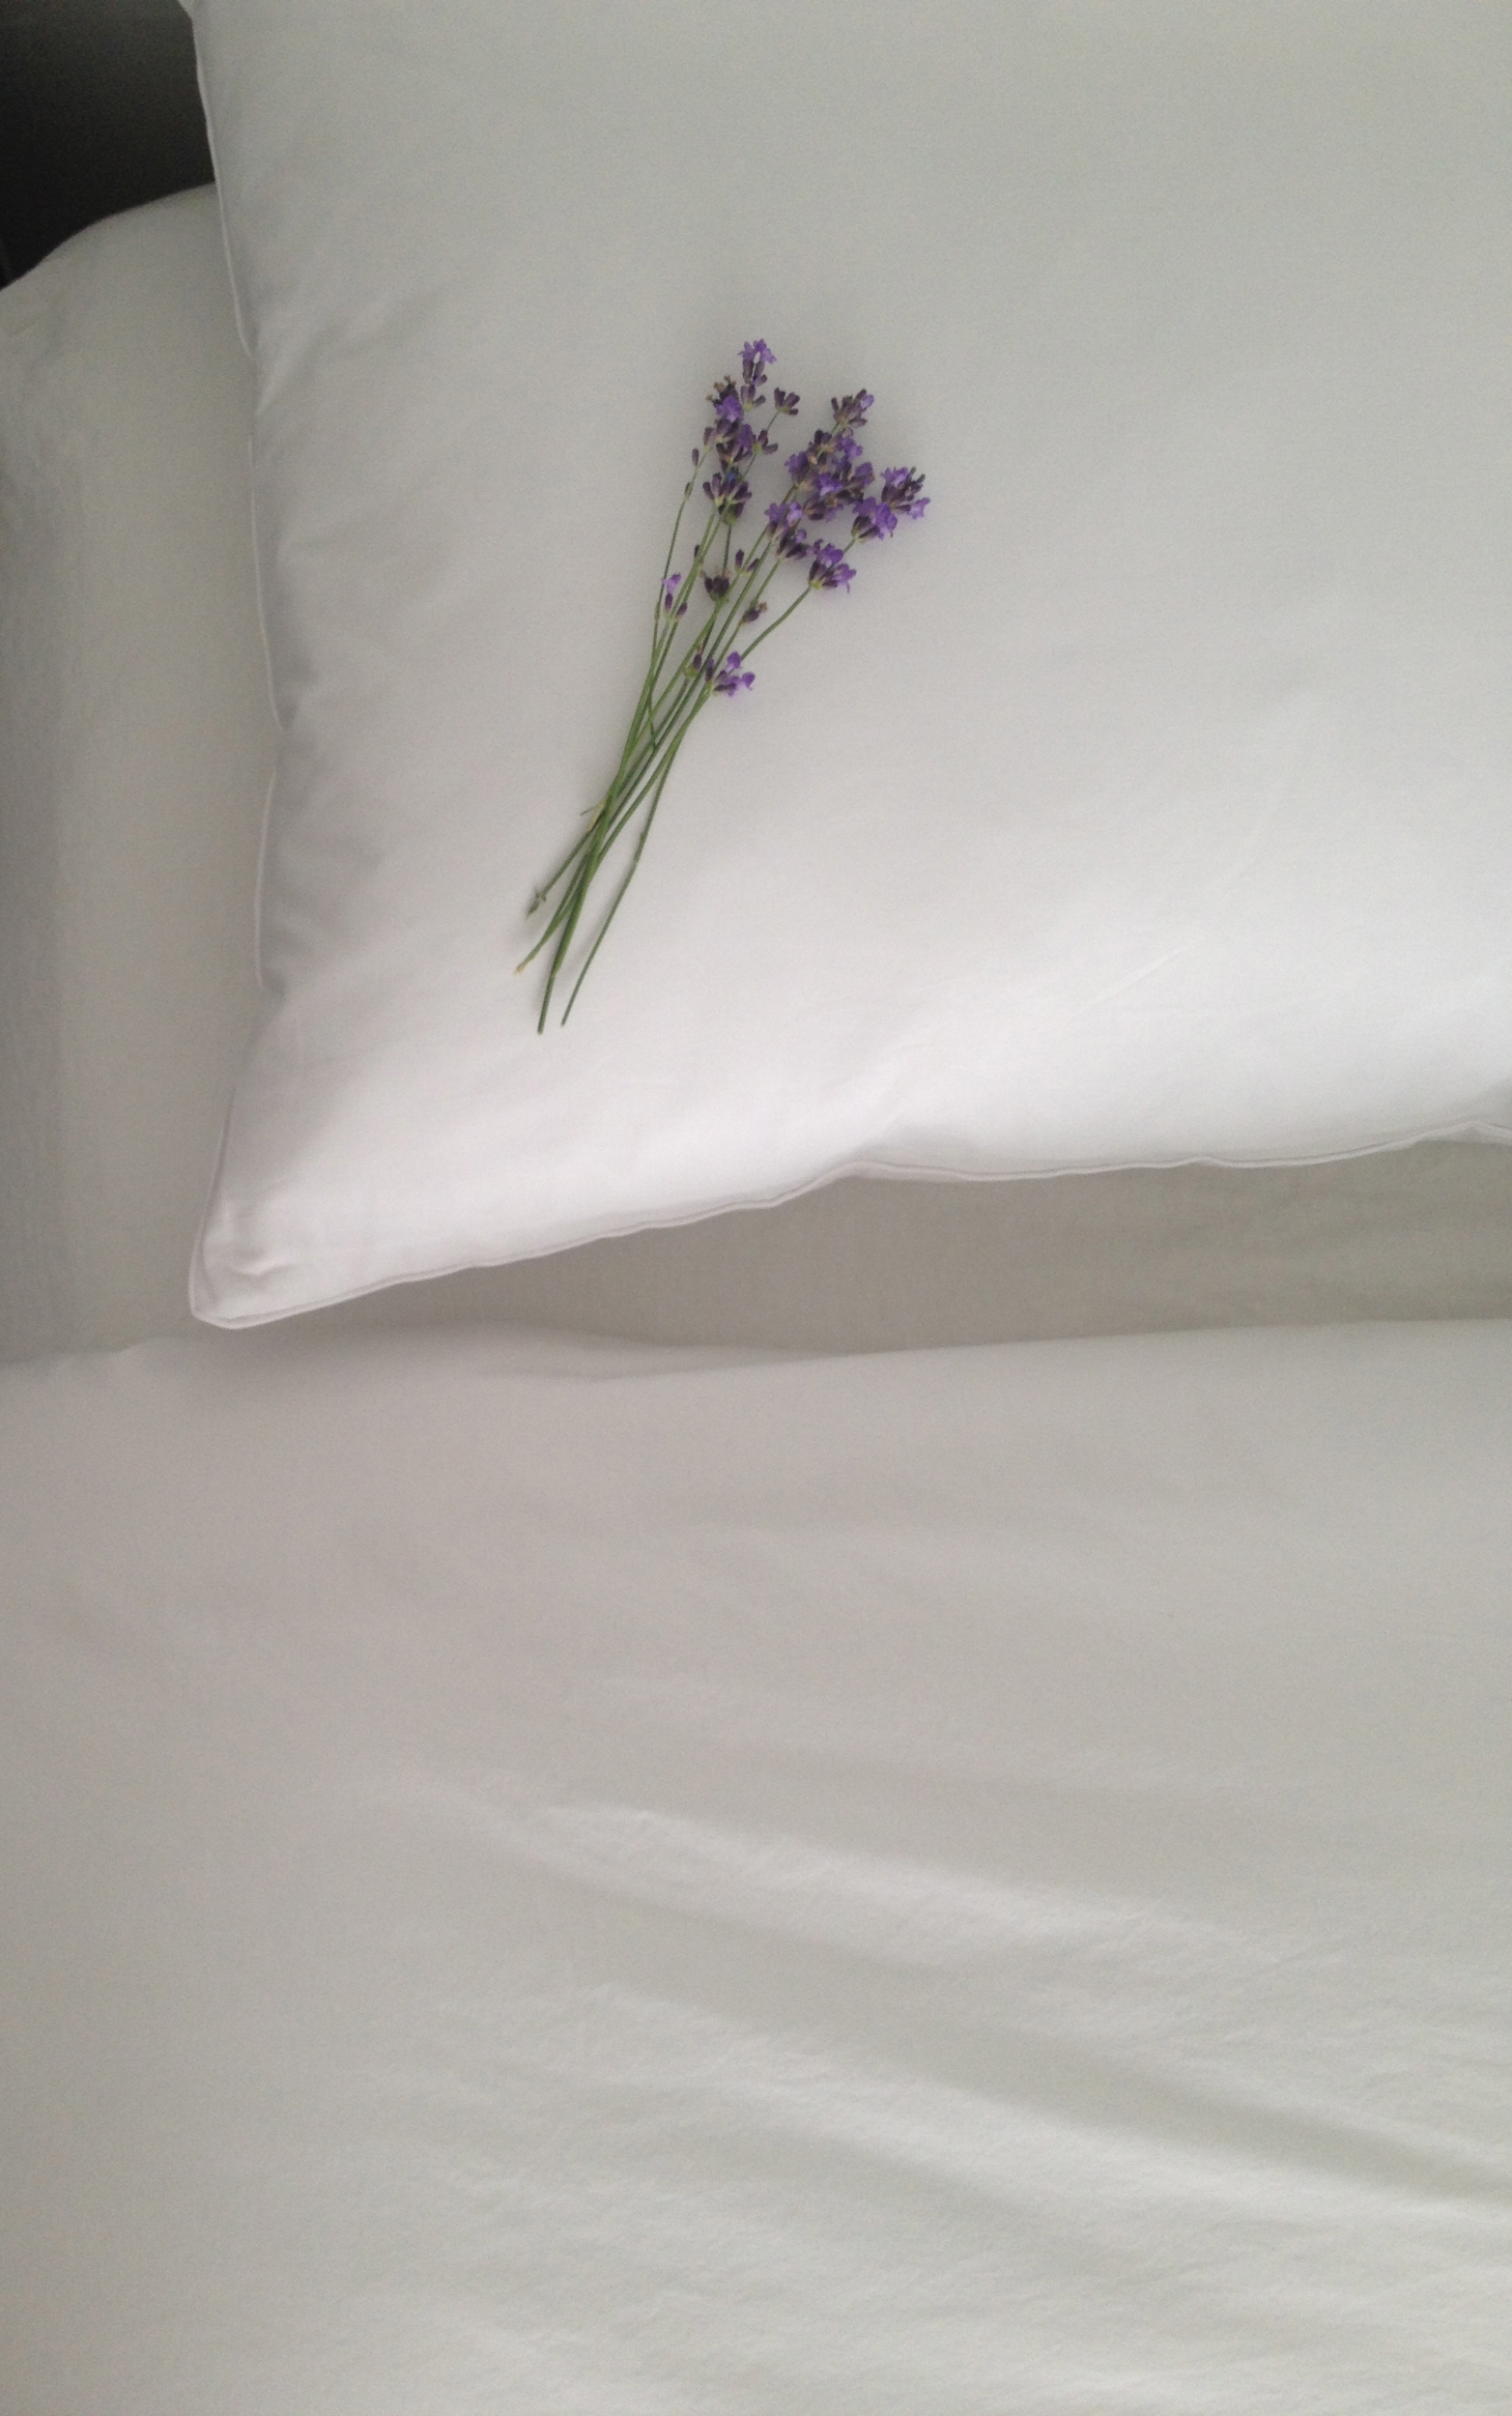 Duvation_white duvet cover_Lavender.jpg